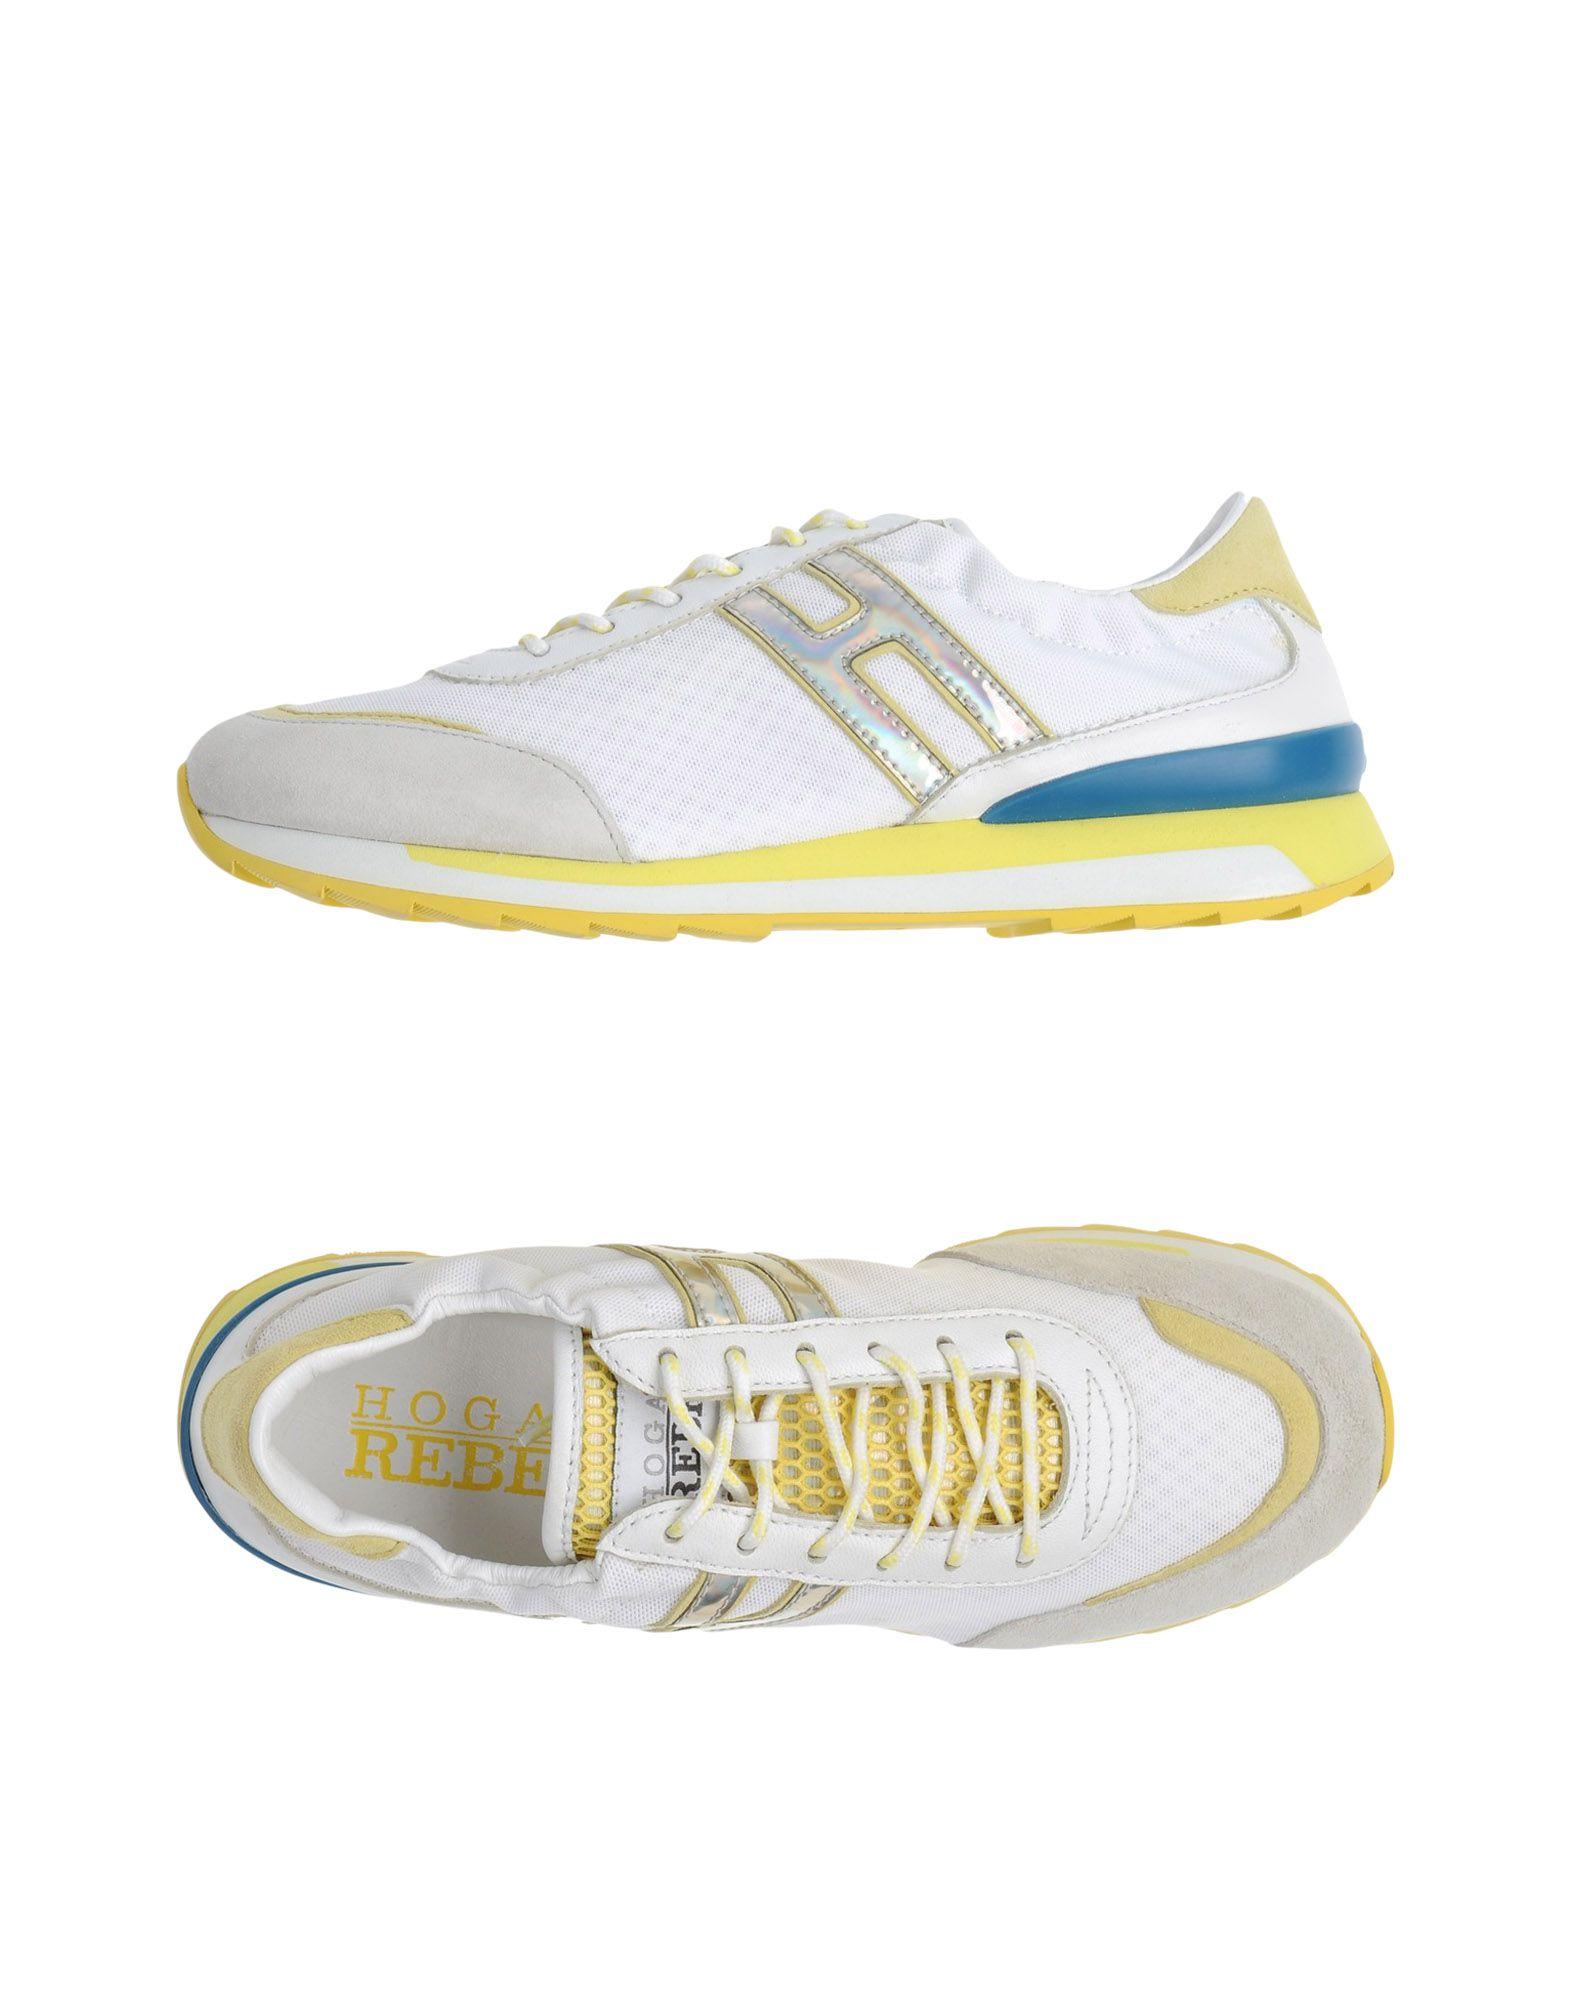 Hogan Rebel Sneakers Damen  11349974PV Gute Qualität beliebte Schuhe